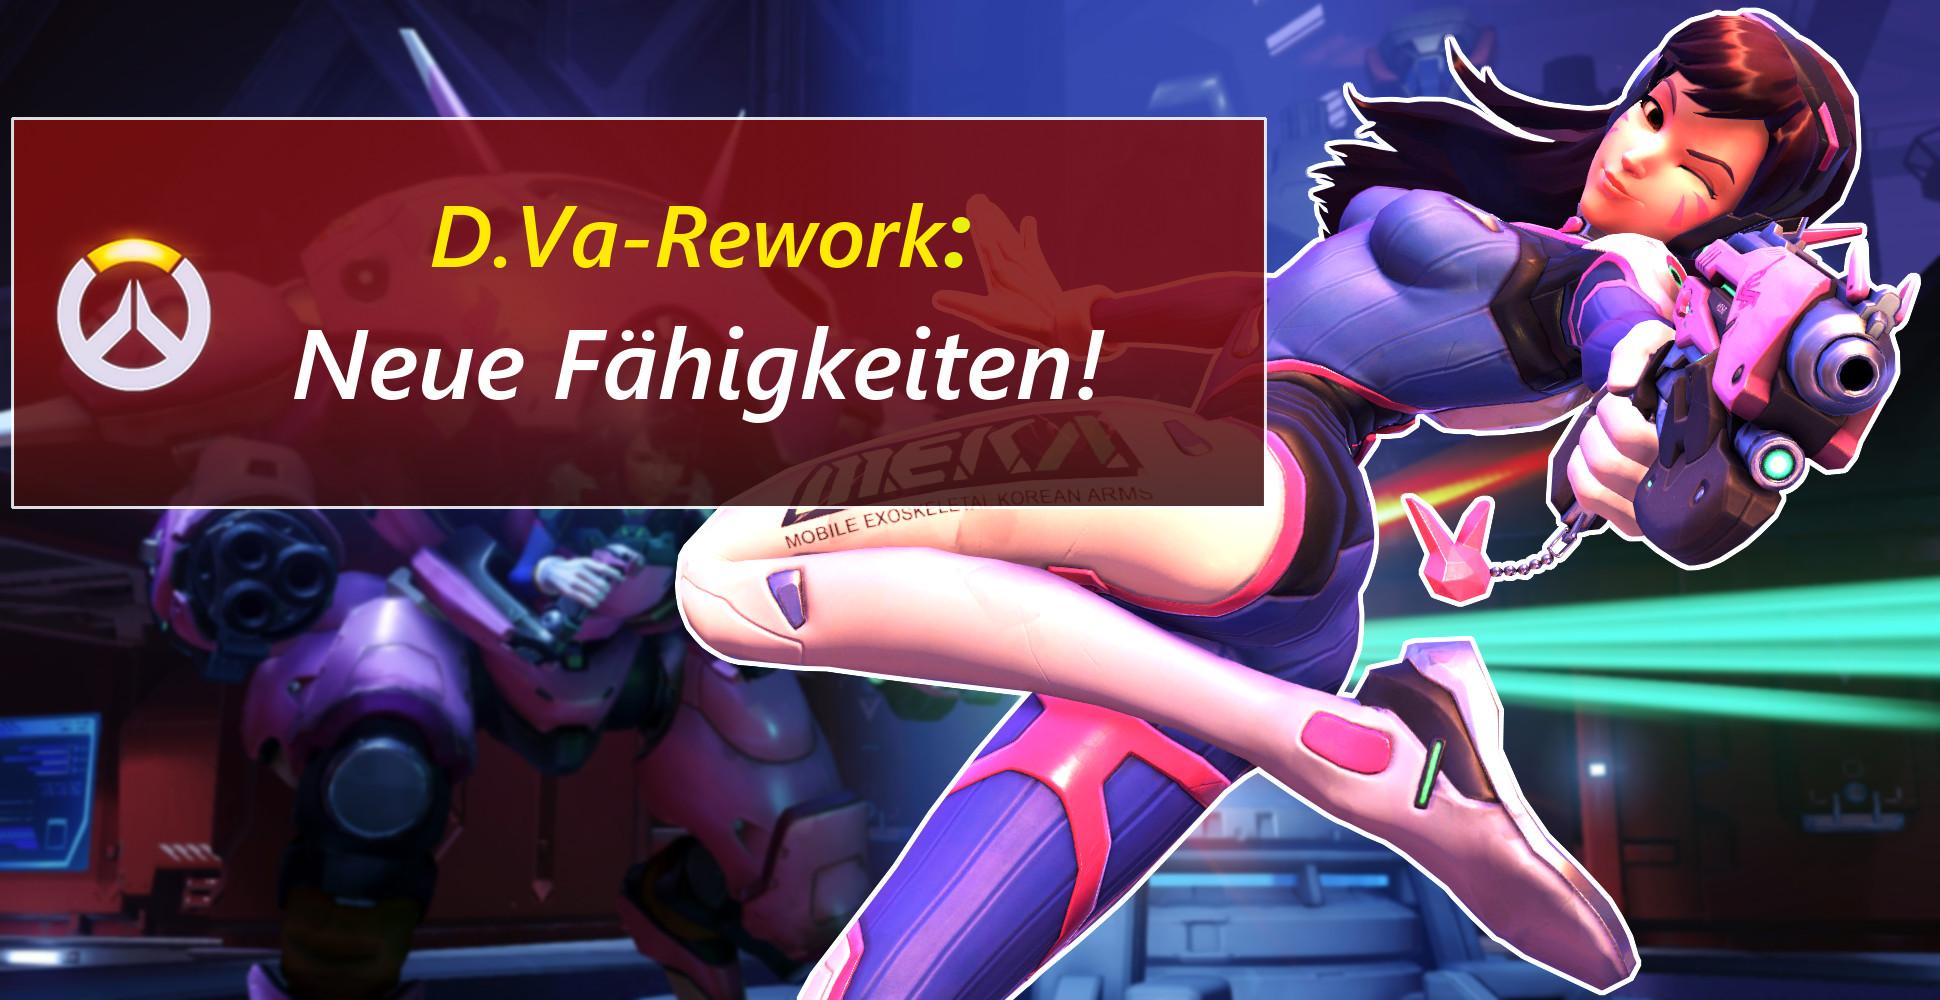 Overwatch: D.Va-Rework! Neue Fähigkeiten und Nerfs